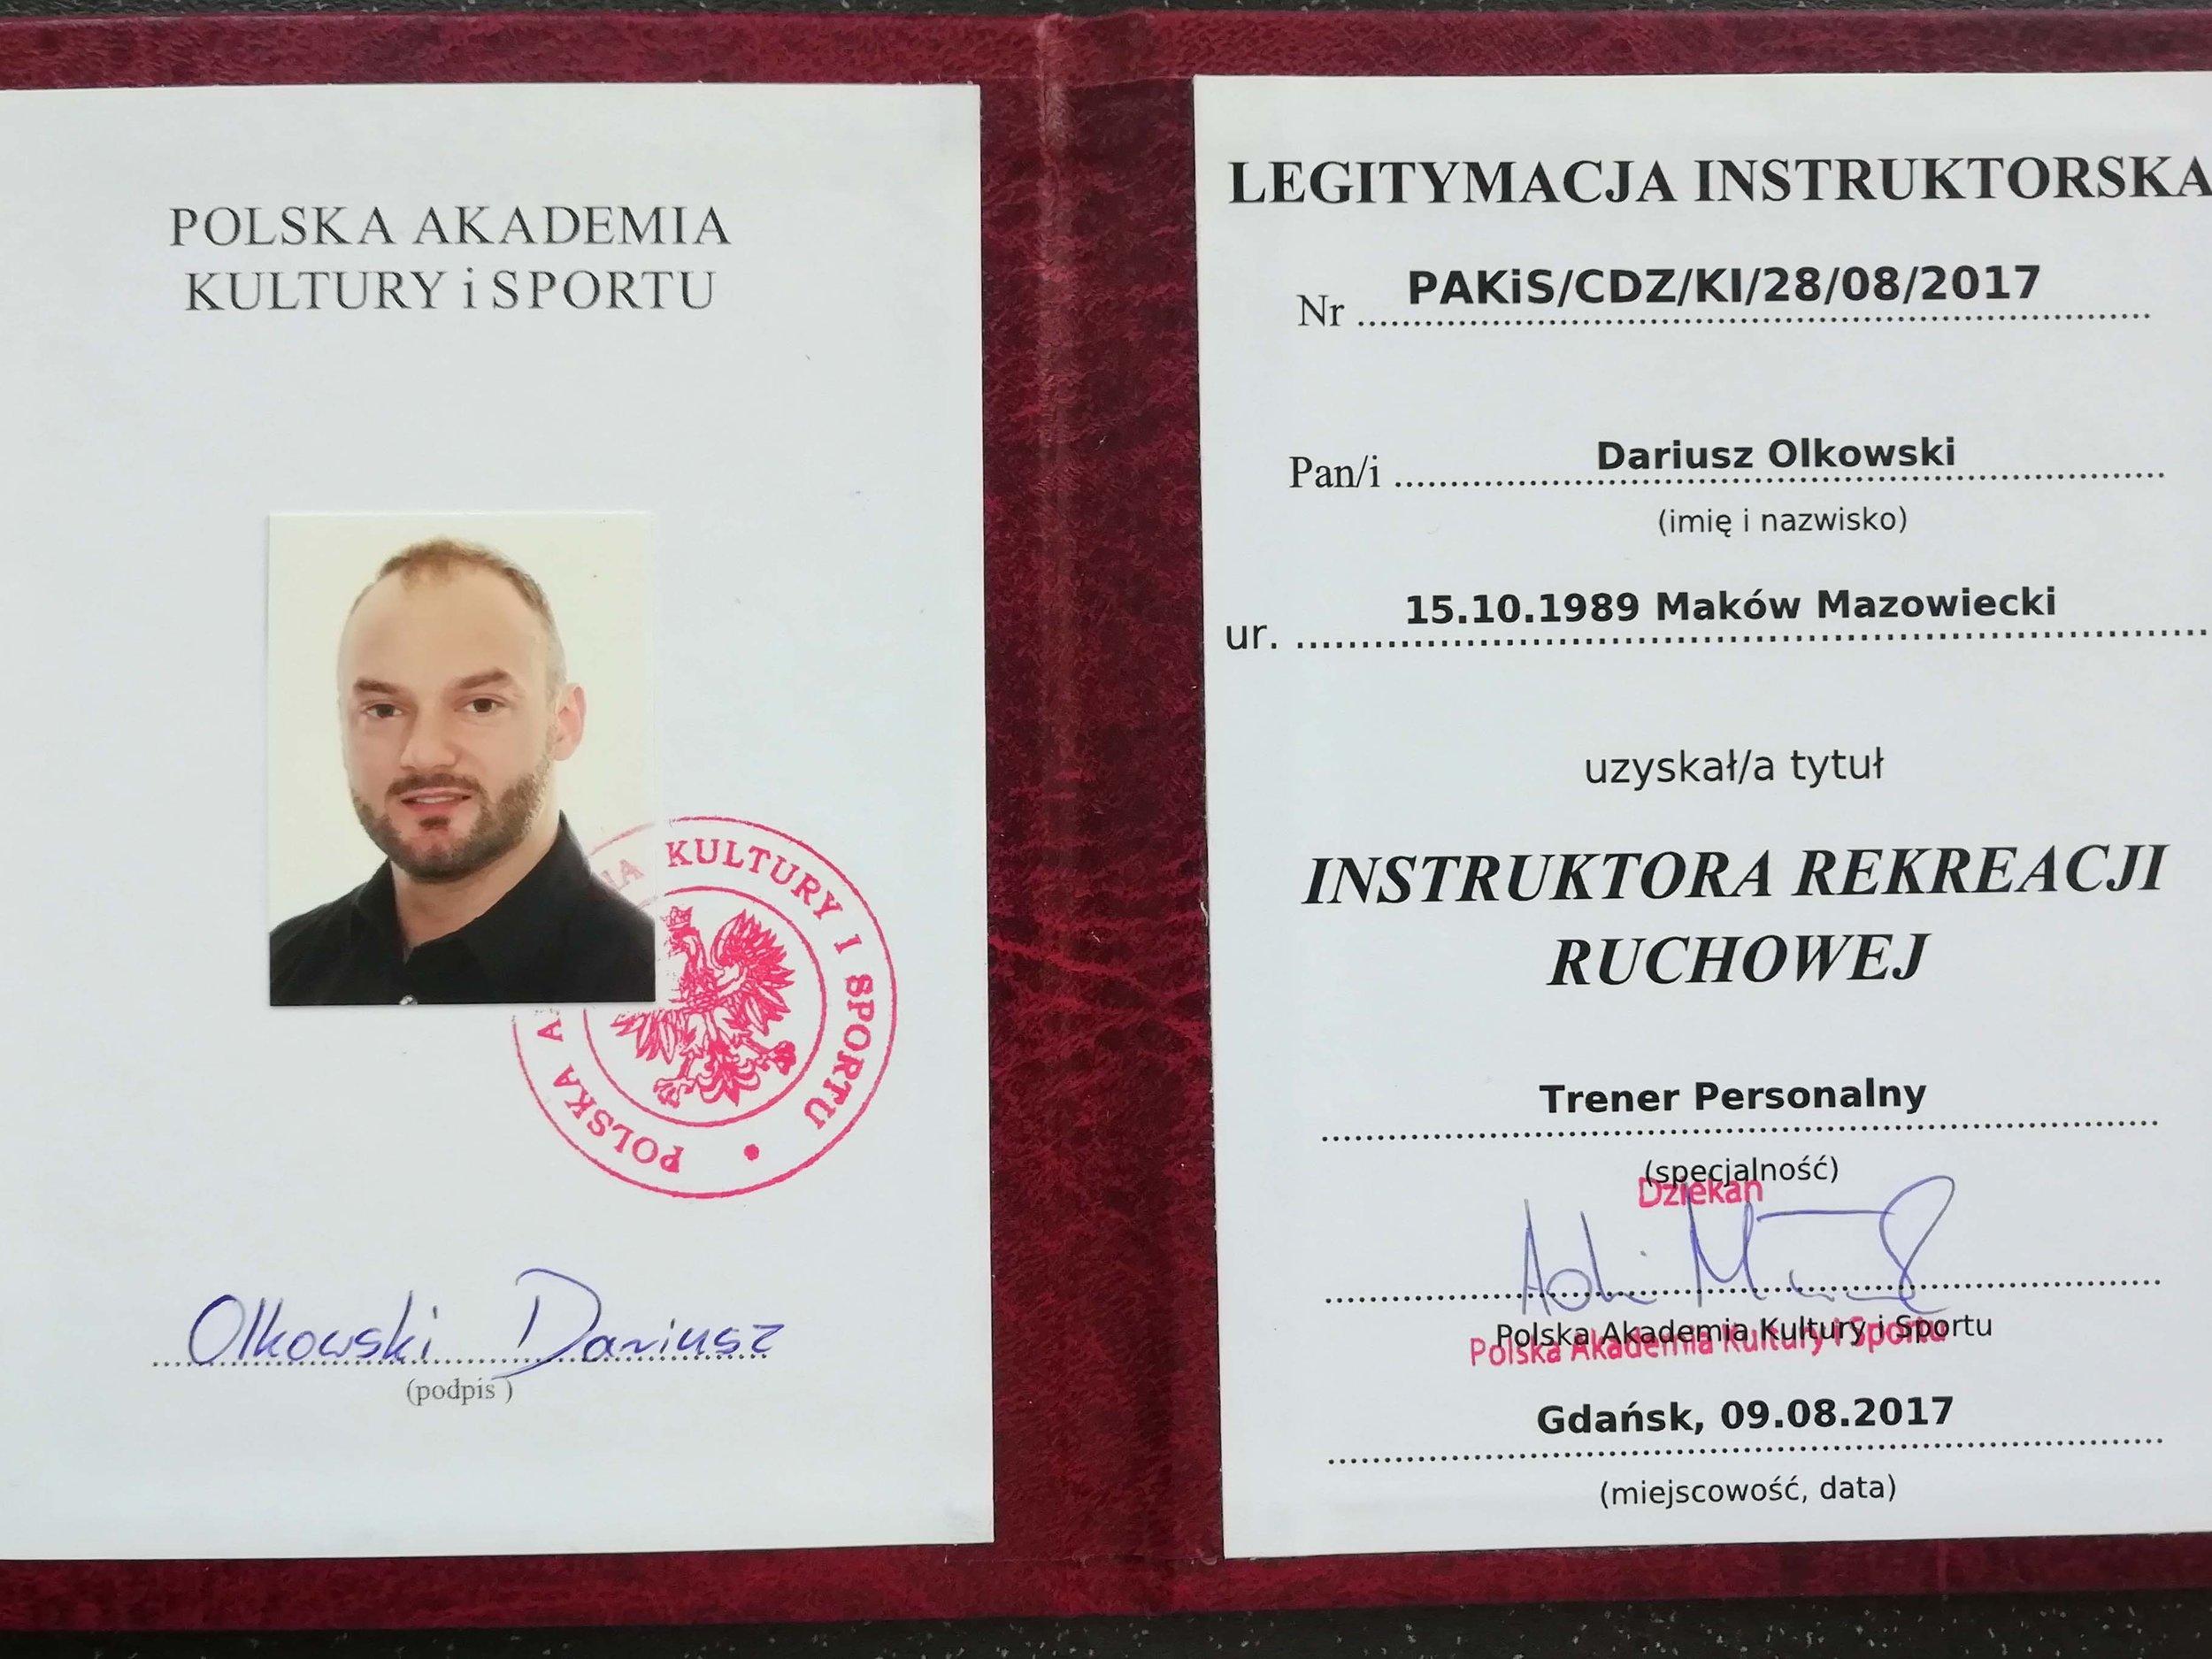 Dariusz Olkowski certyfikat 3.jpg